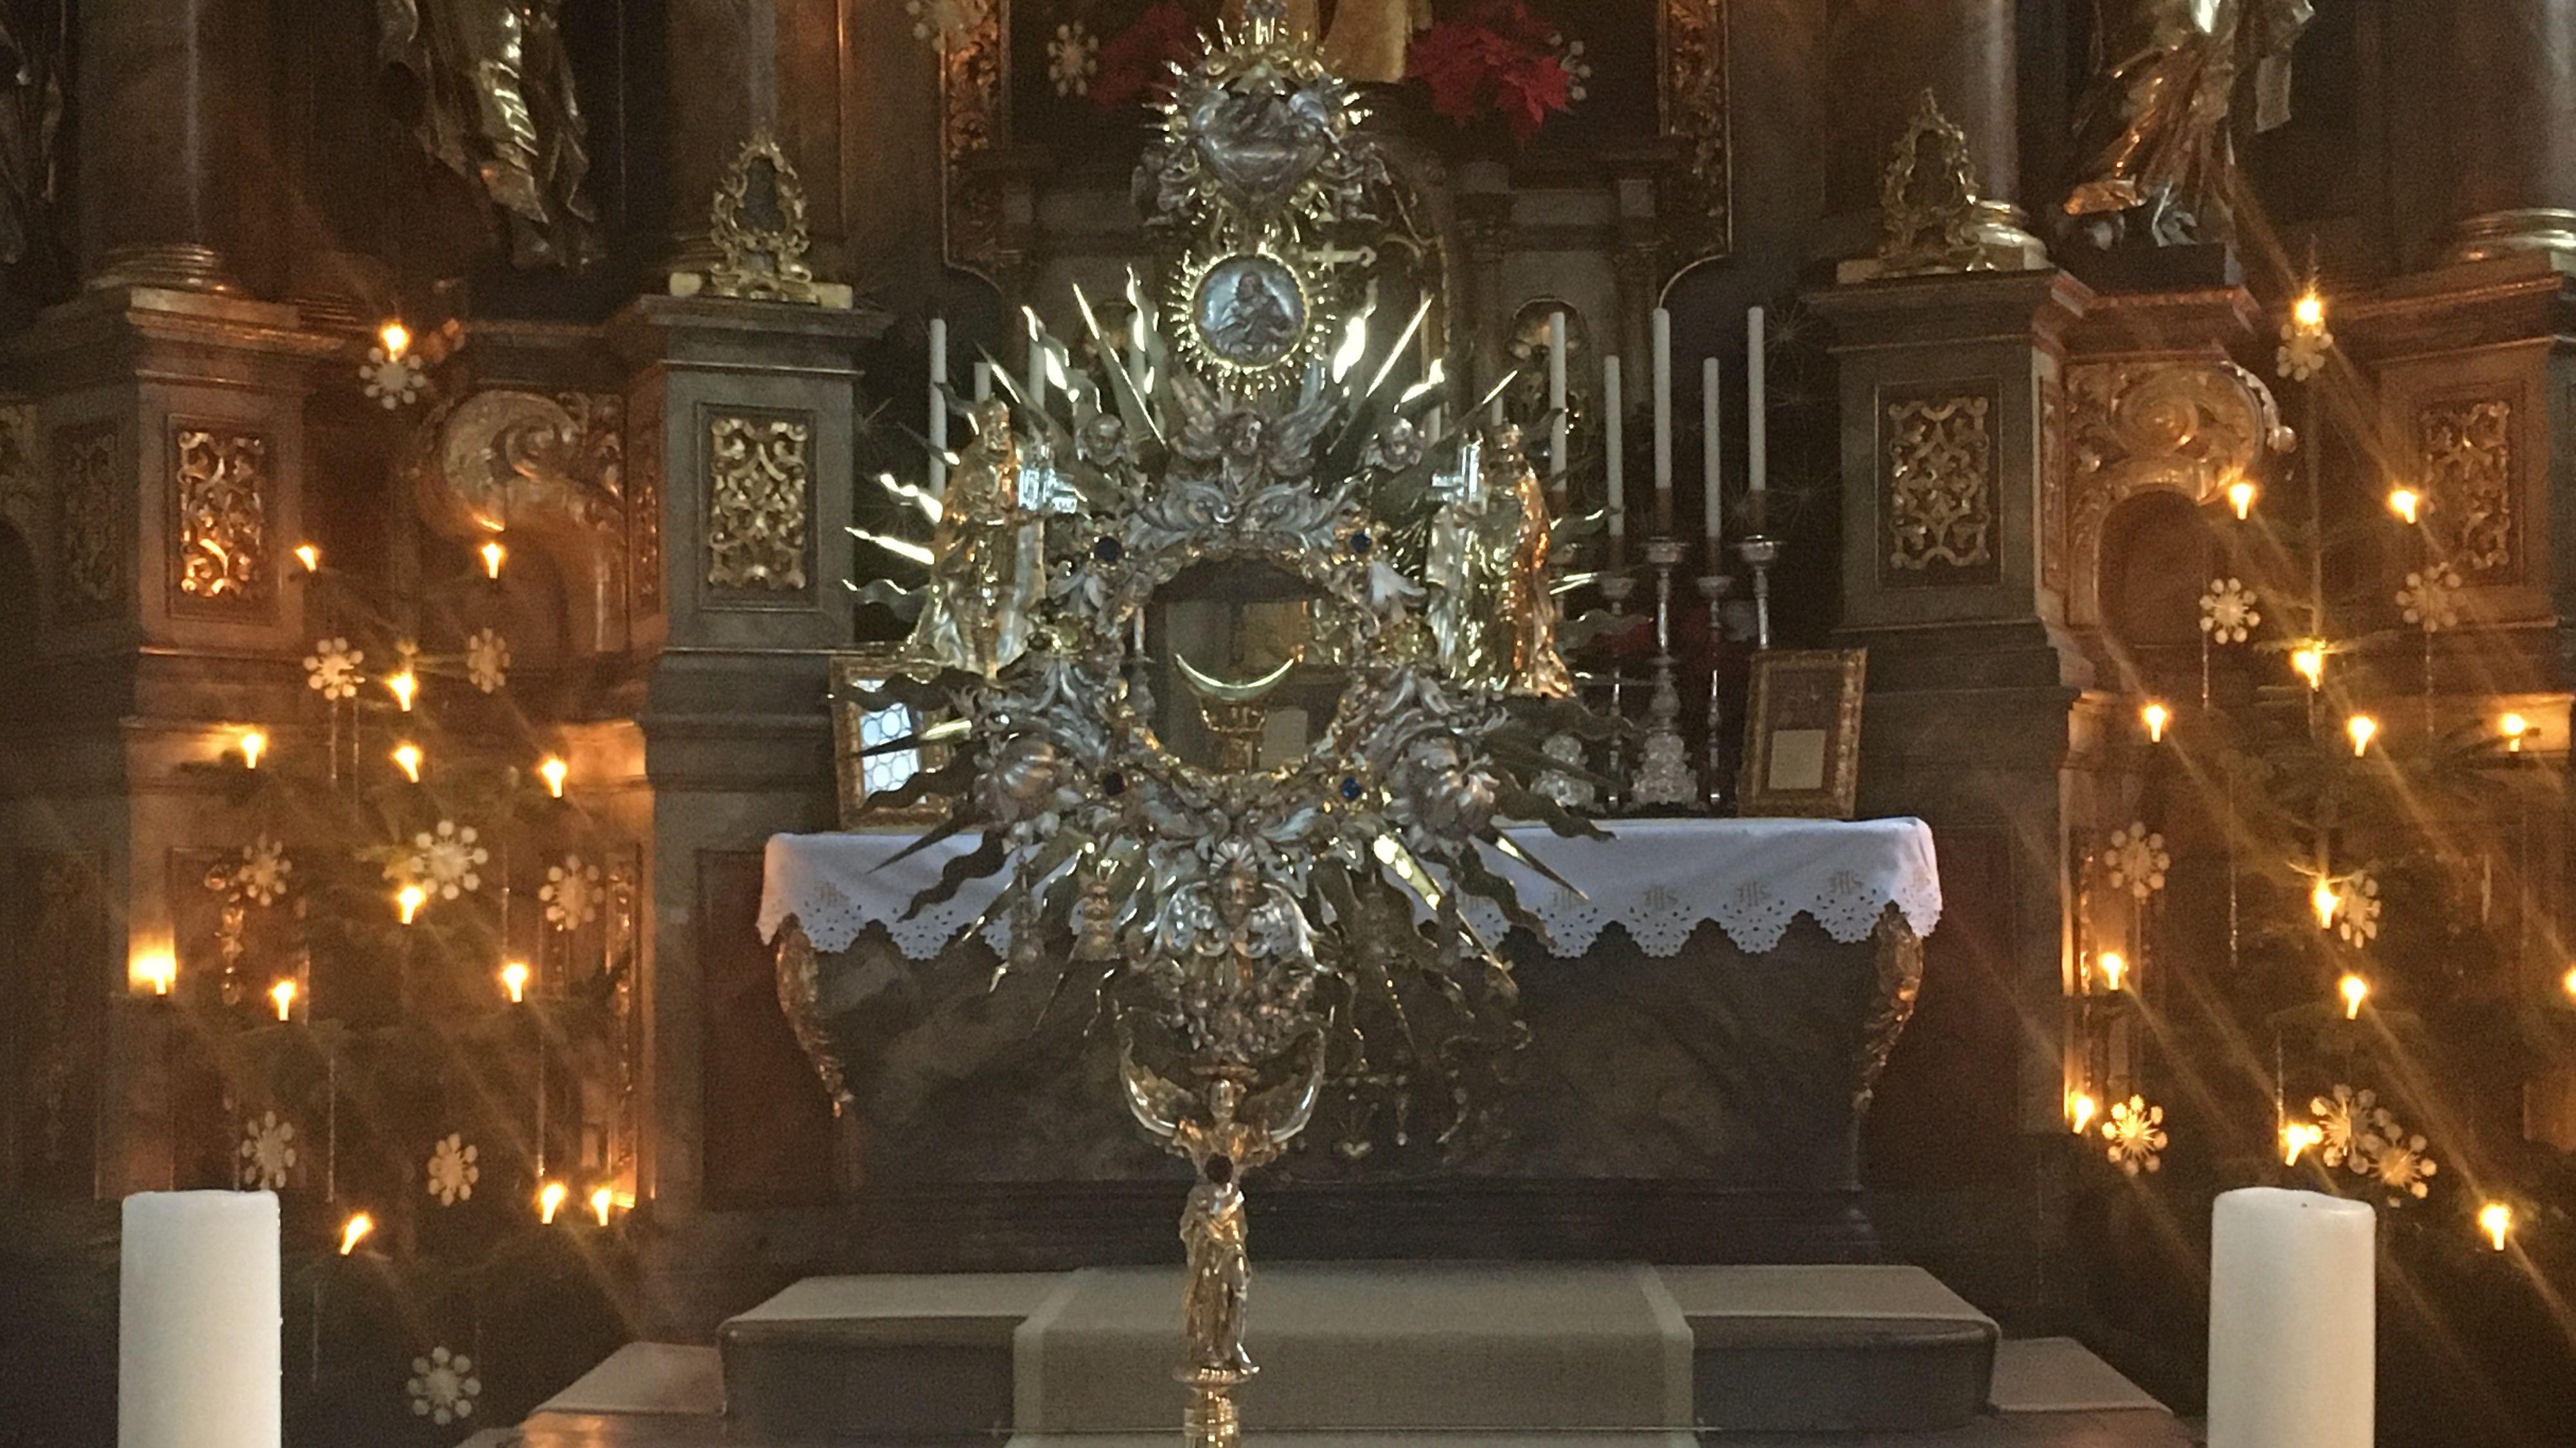 In der Kirche St. Bartholomäus in Pottenstein steht vor dem Altar eine Montranz mit dem Allerheiligsten, daneben zwei Kerzen.